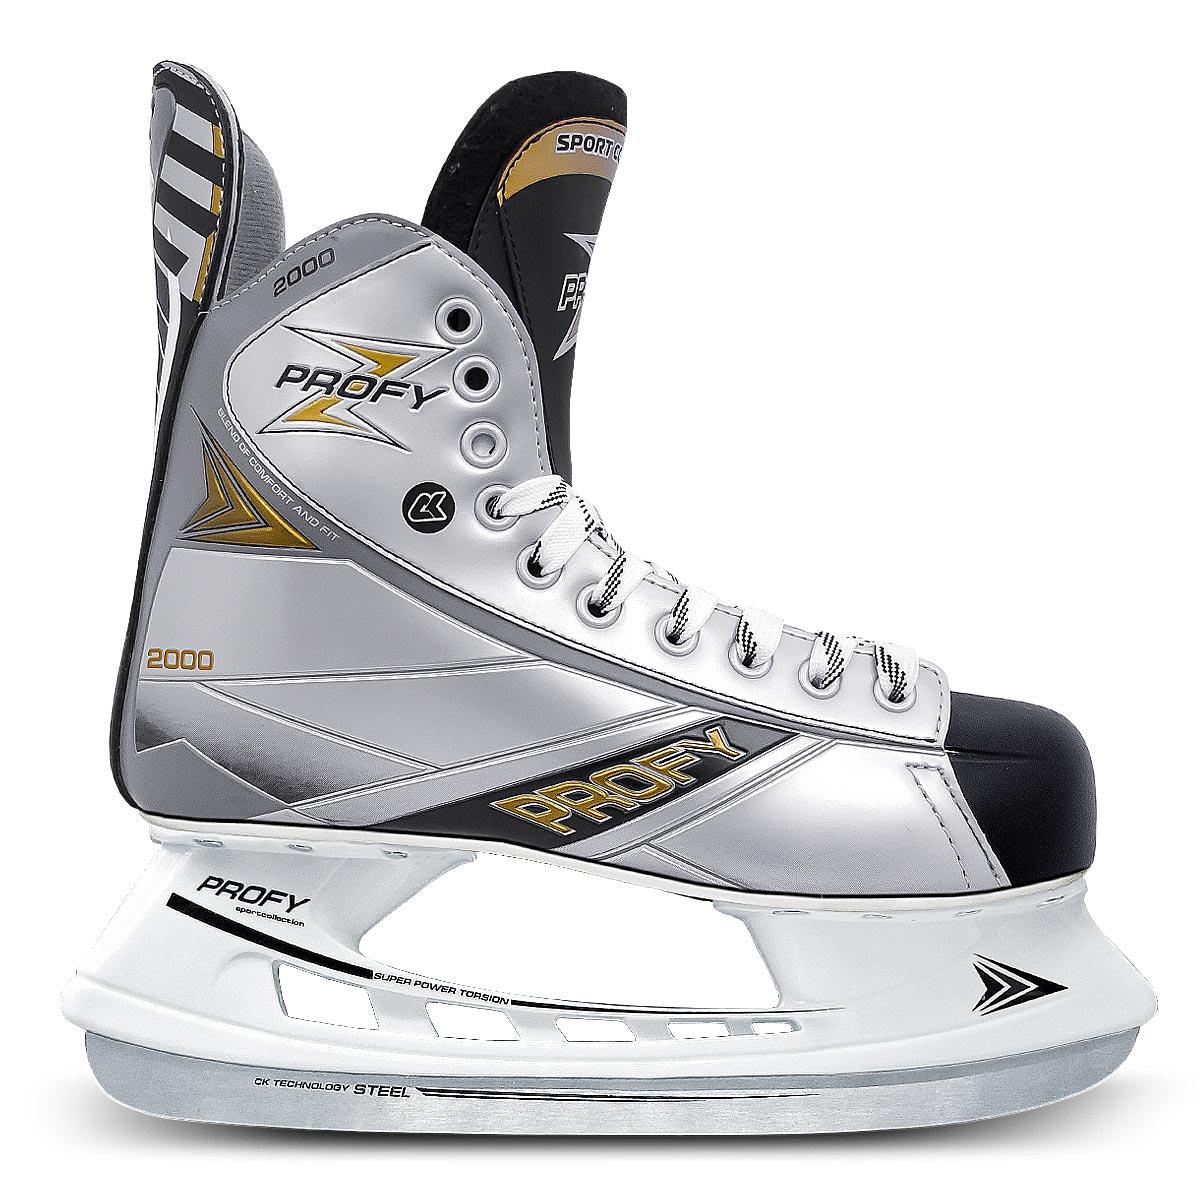 Коньки хоккейные для мальчика СК Profy Z 2000, цвет: черный, серый. Размер 35PROFY Z 2000_черный, серый_35Стильные коньки от CK Profy Z 2000 прекрасно подойдут для начинающих игроков в хоккей. Ботинок выполнен из морозоустойчивой искусственной кожи и ПВХ. Мыс дополнен вставкой, которая защитит ноги от ударов. Внутренний слой и стелька изготовлены из мягкого текстиля, который обеспечит тепло и комфорт во время катания, язычок - из войлока. Плотная шнуровка надежно фиксирует модель на ноге. Голеностоп имеет удобный суппорт. По верху коньки декорированы принтом и тиснением в виде логотипа бренда. Подошва - из твердого пластика. Стойка выполнена из ударопрочного поливинилхлорида. Лезвие из углеродистой нержавеющей стали обеспечит превосходное скольжение. Оригинальные коньки придутся вам по душе.